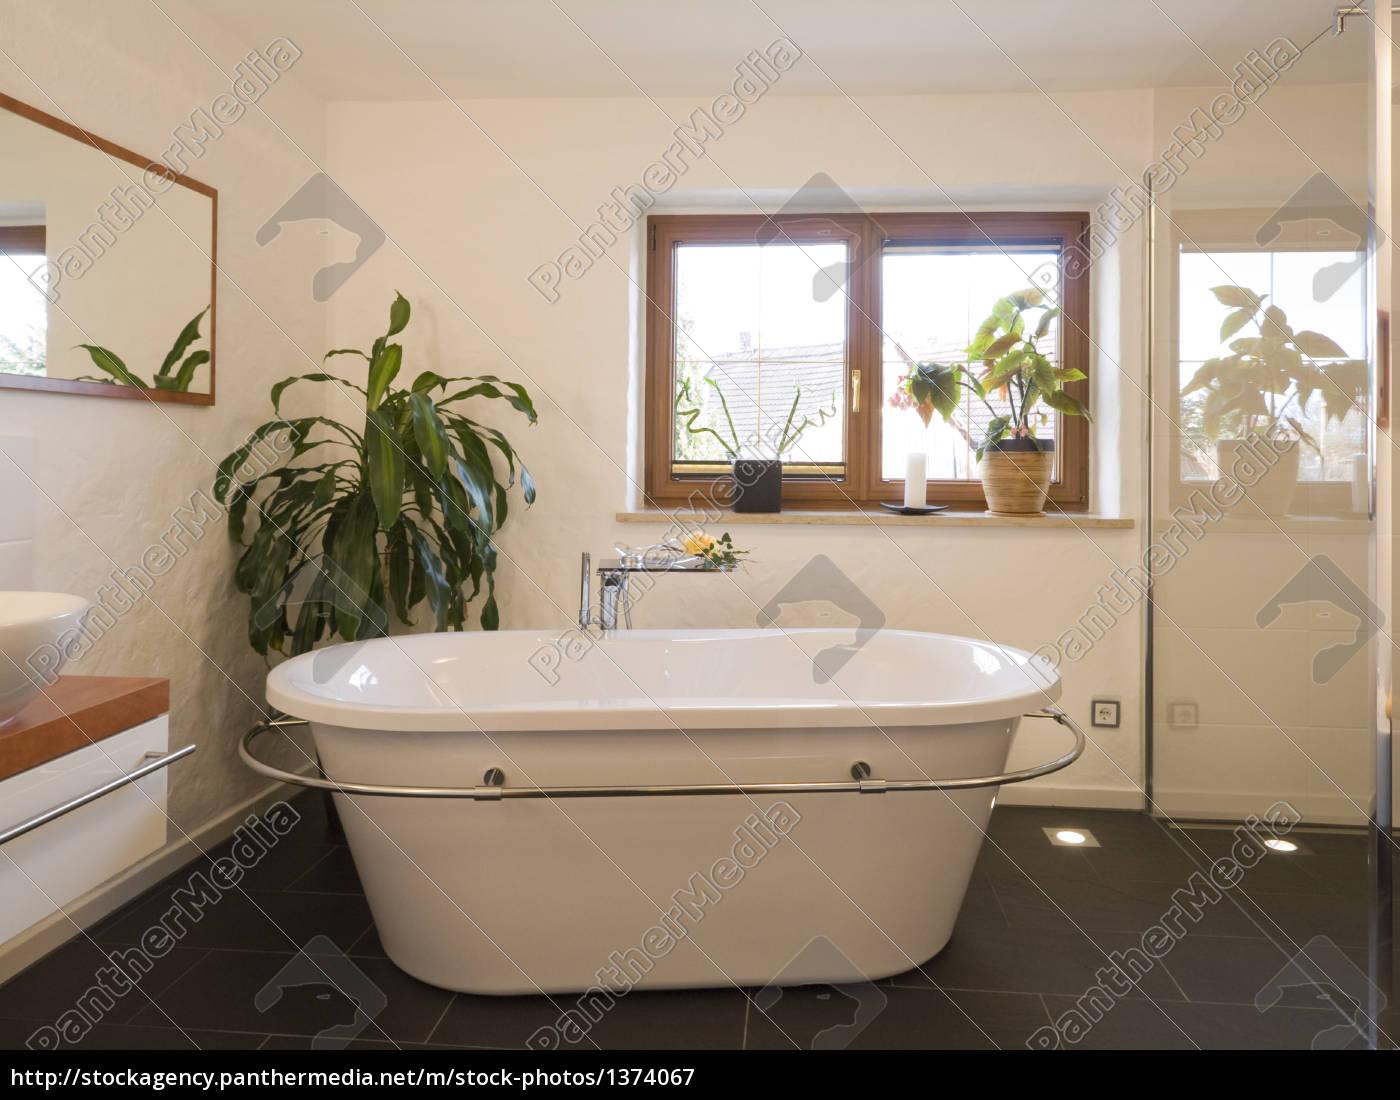 Wanne Freistehend bad modern wanne freistehend lizenzfreies bild 1374067